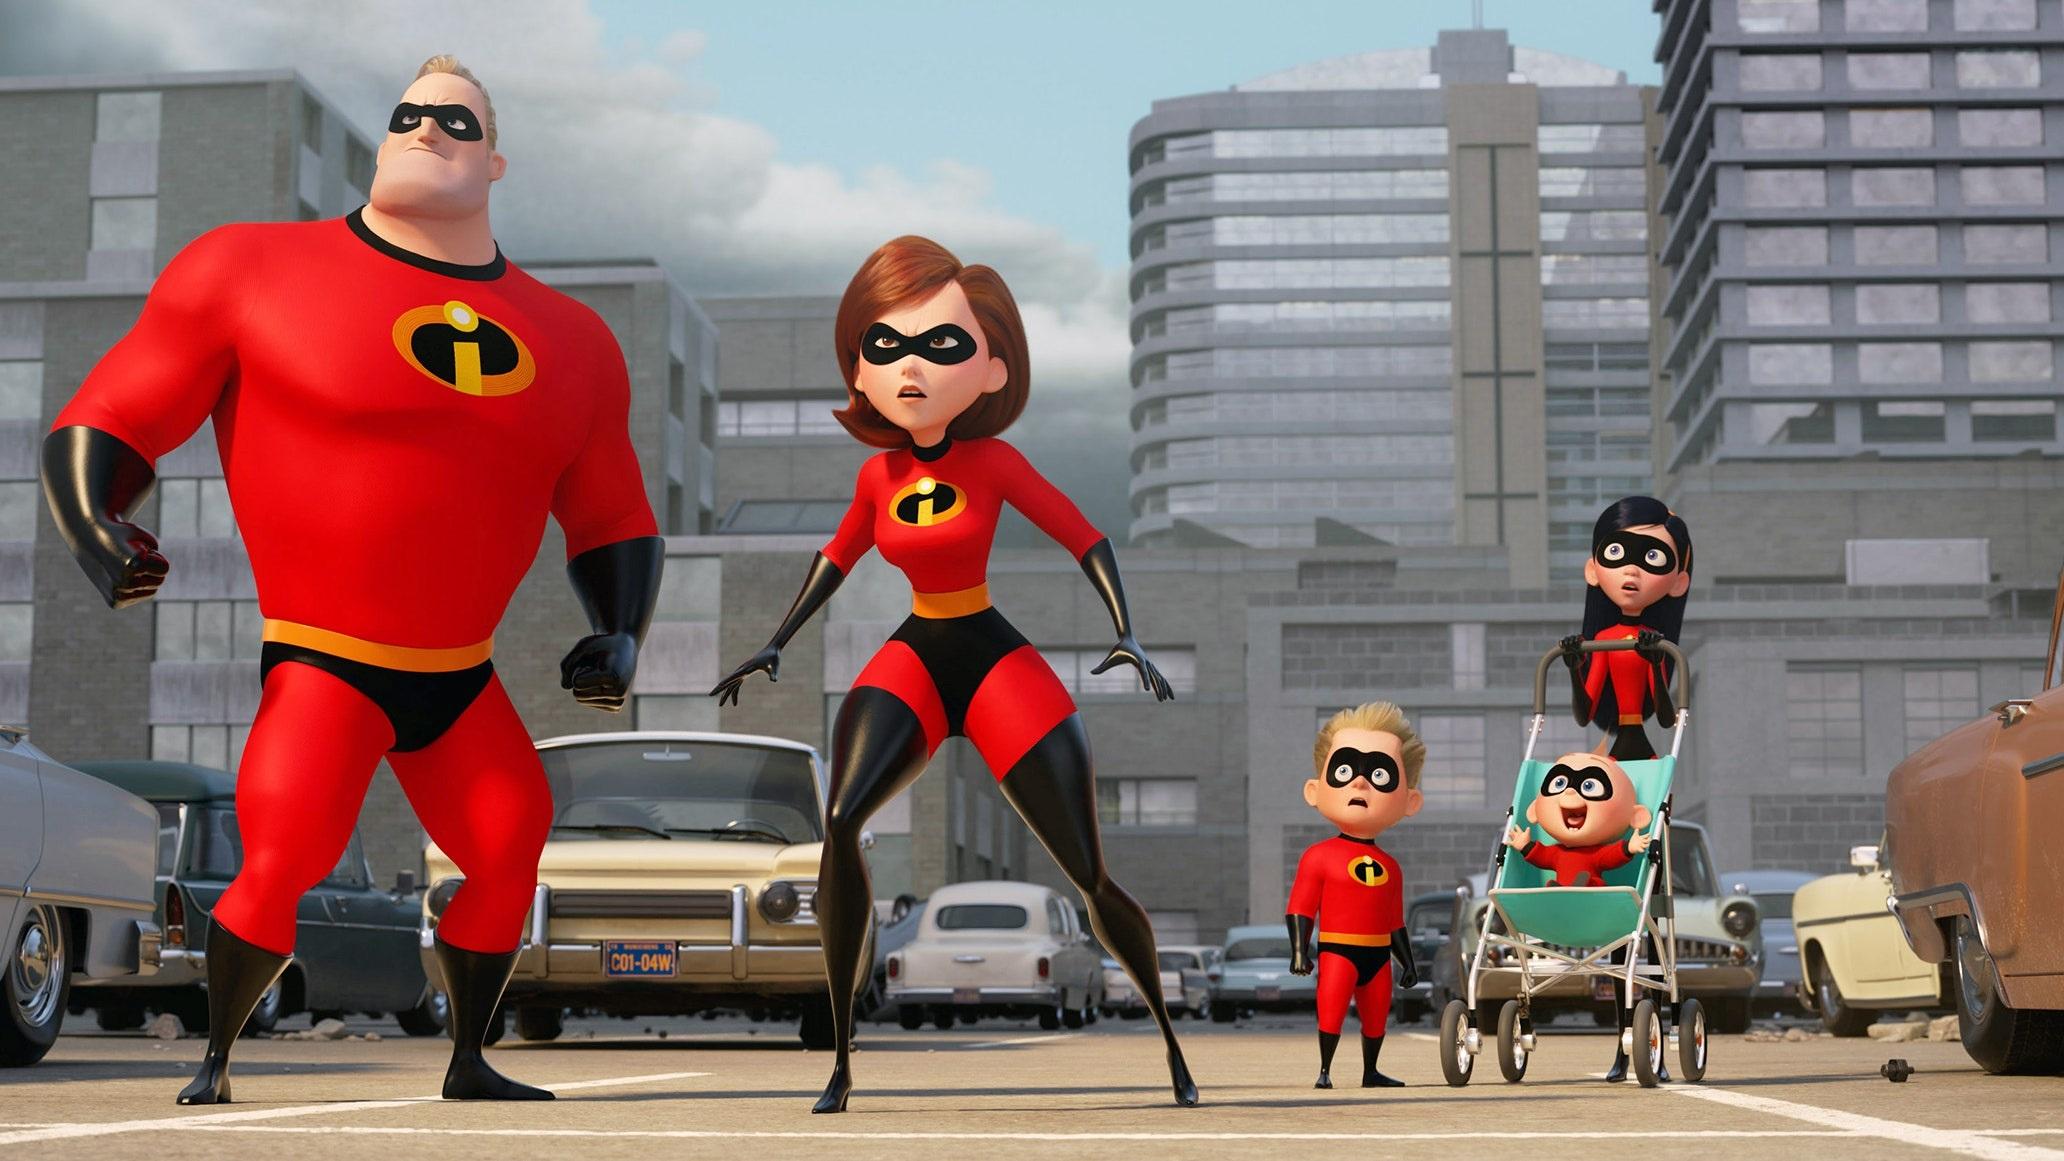 İnanılmaz Aile 2 filmi Tv'de ilk kez atv'de ekrana gelecek!